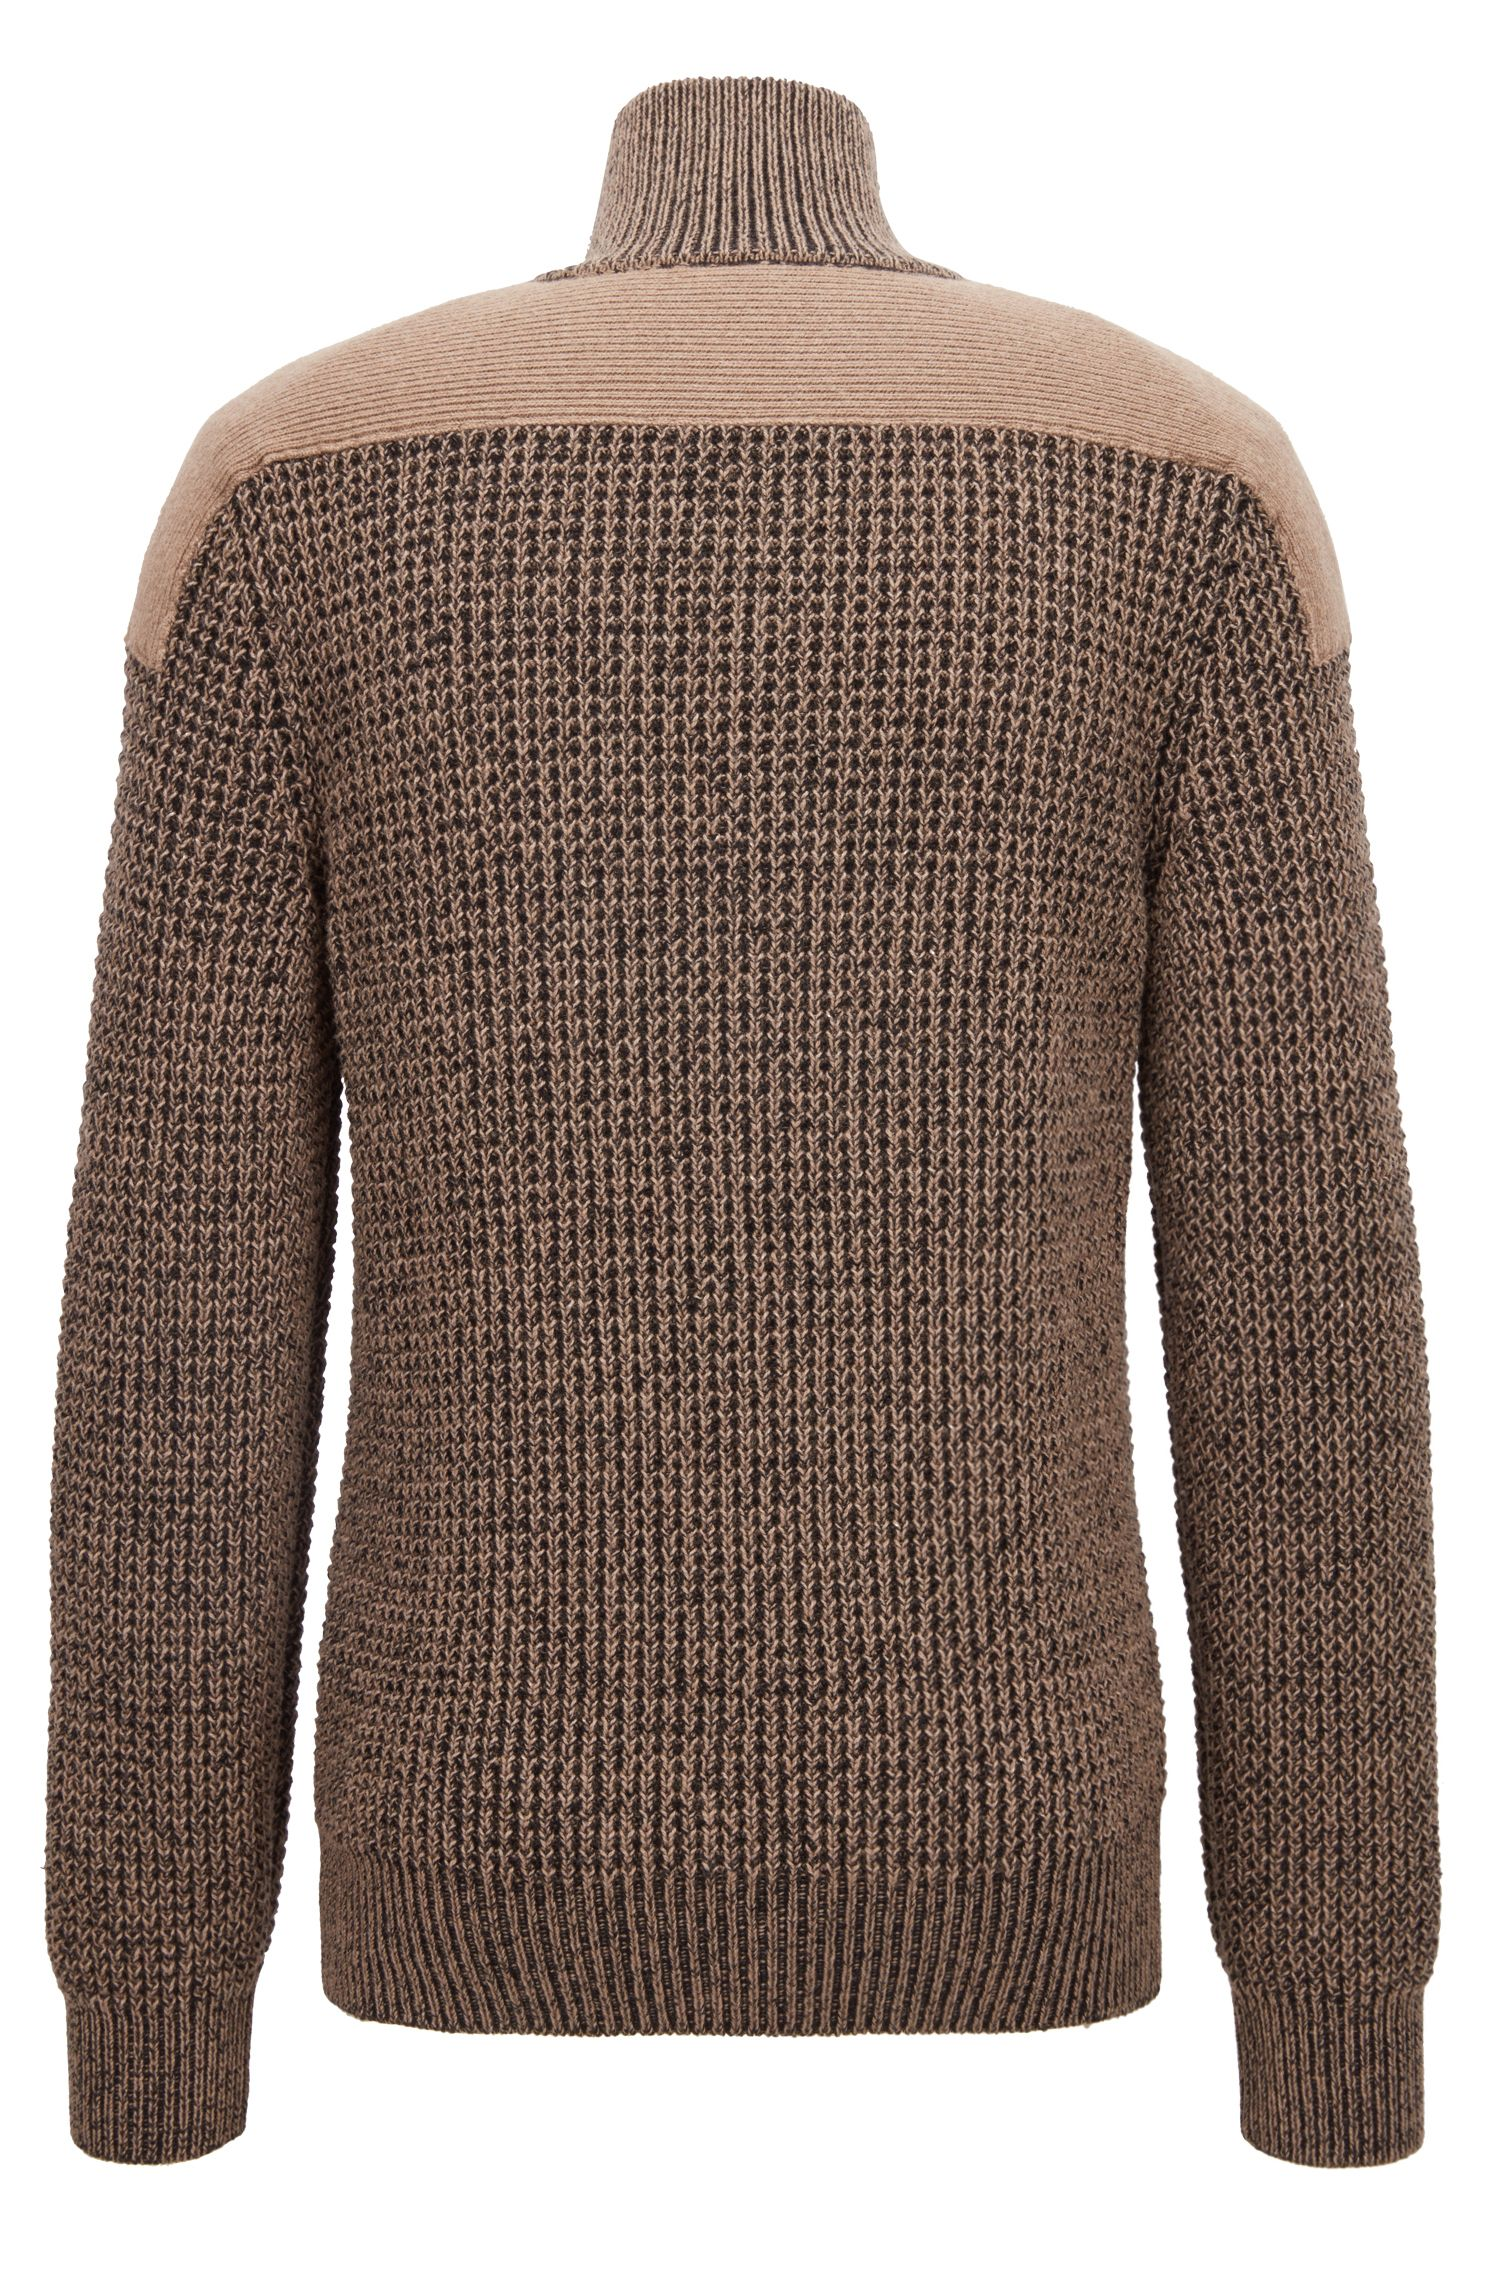 Strickpullover aus Baumwoll-Mix mit Troyerkragen und kontrastfarbenen Schulter-Patches, Braun